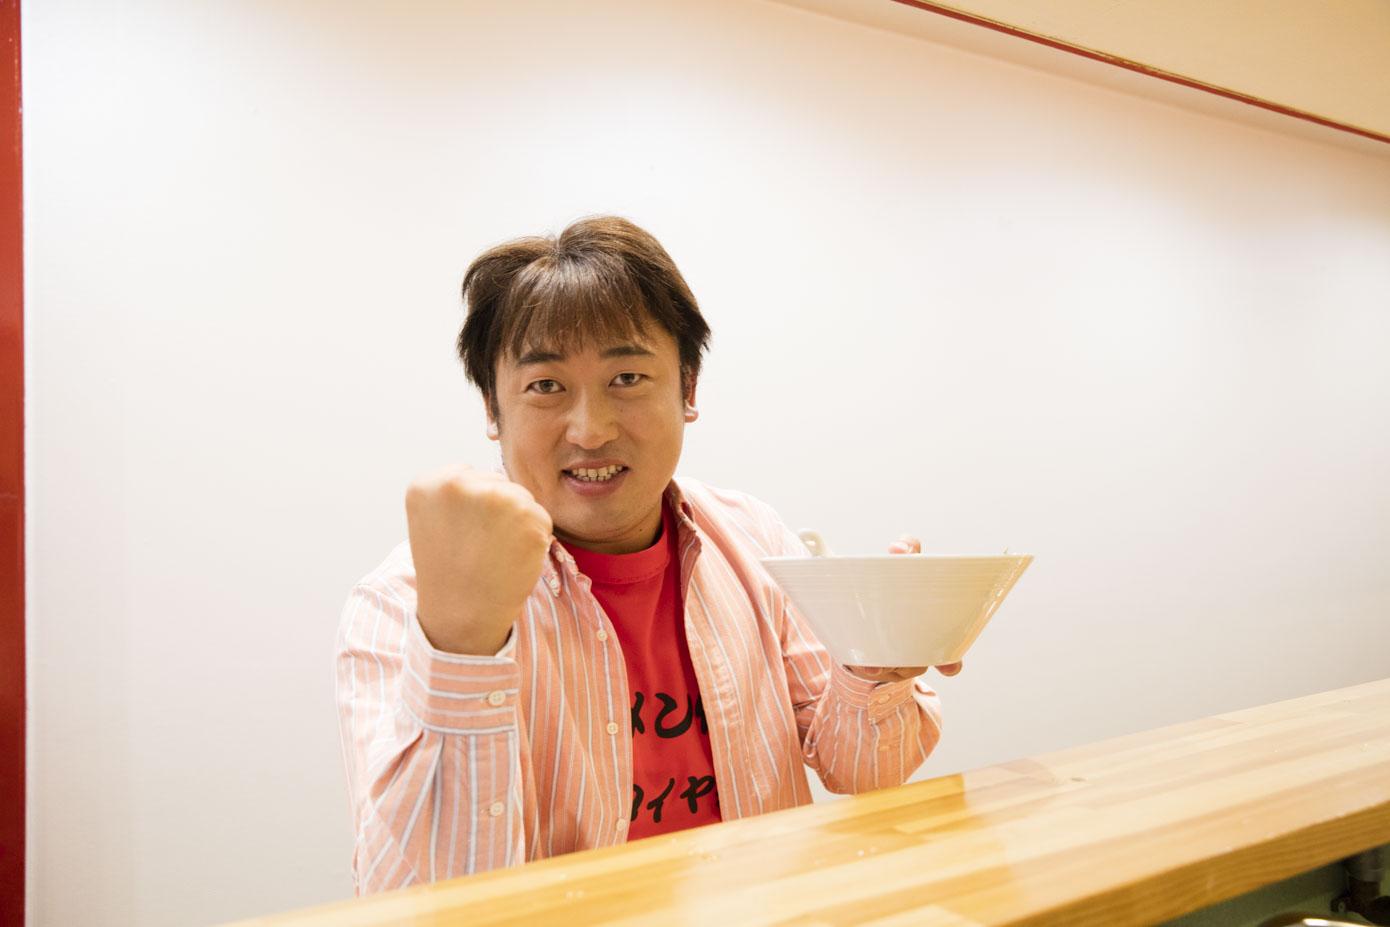 らーめんウォッチャー・伊吹のり崇が語るラーメン新潮流とは?動画公開中!